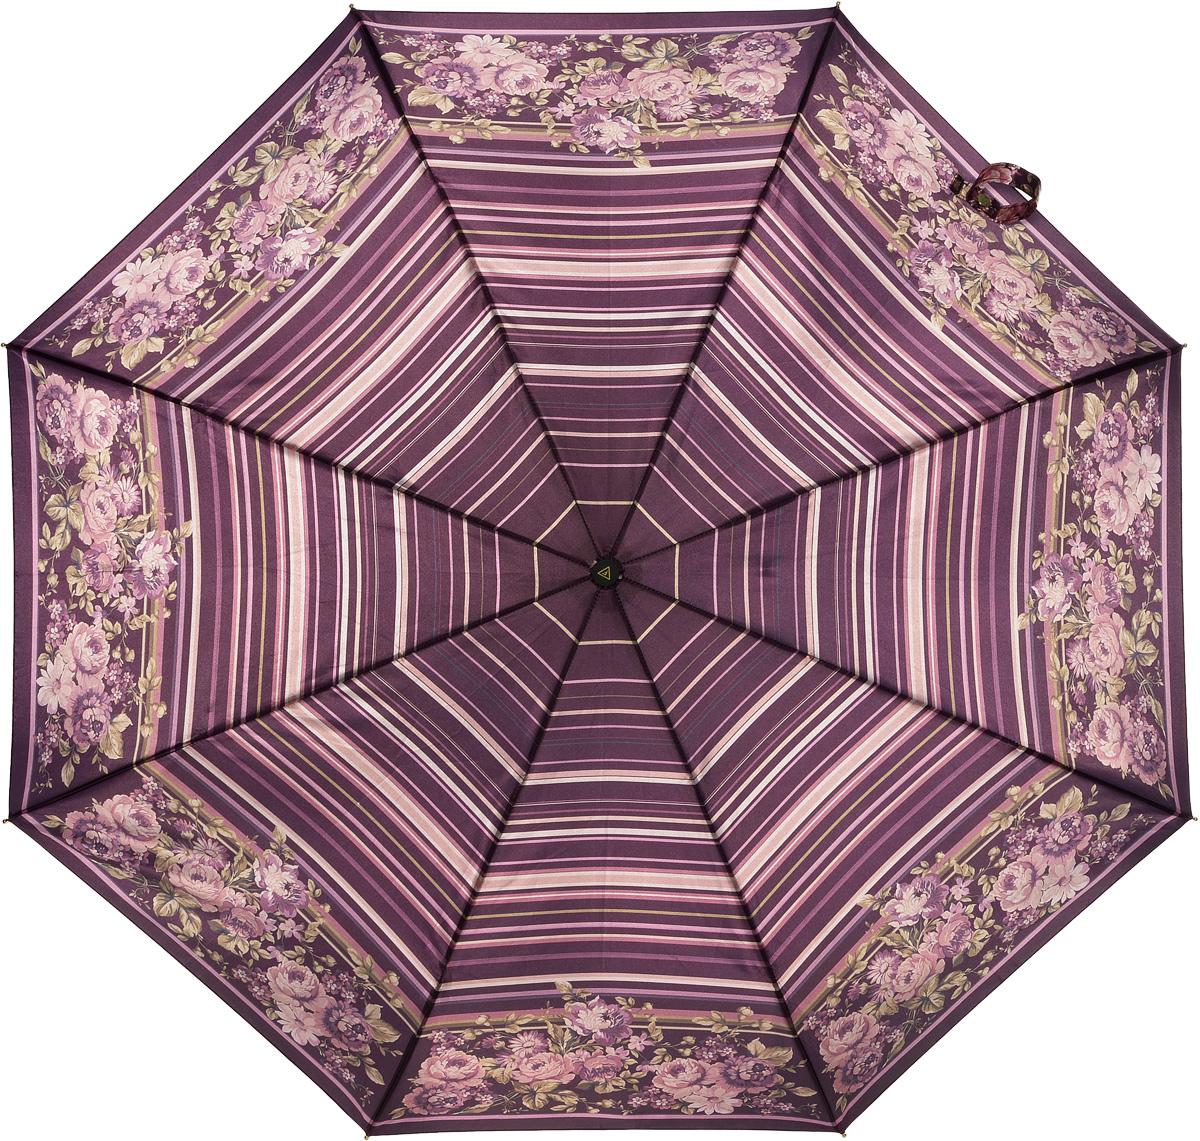 Зонт женский Fabretti, полный автомат, 3 сложения, цвет: мультиколор. S-16103-6S-16103-6Зонт женский Fabretti, суперавтомат, 3 сложения, сатин